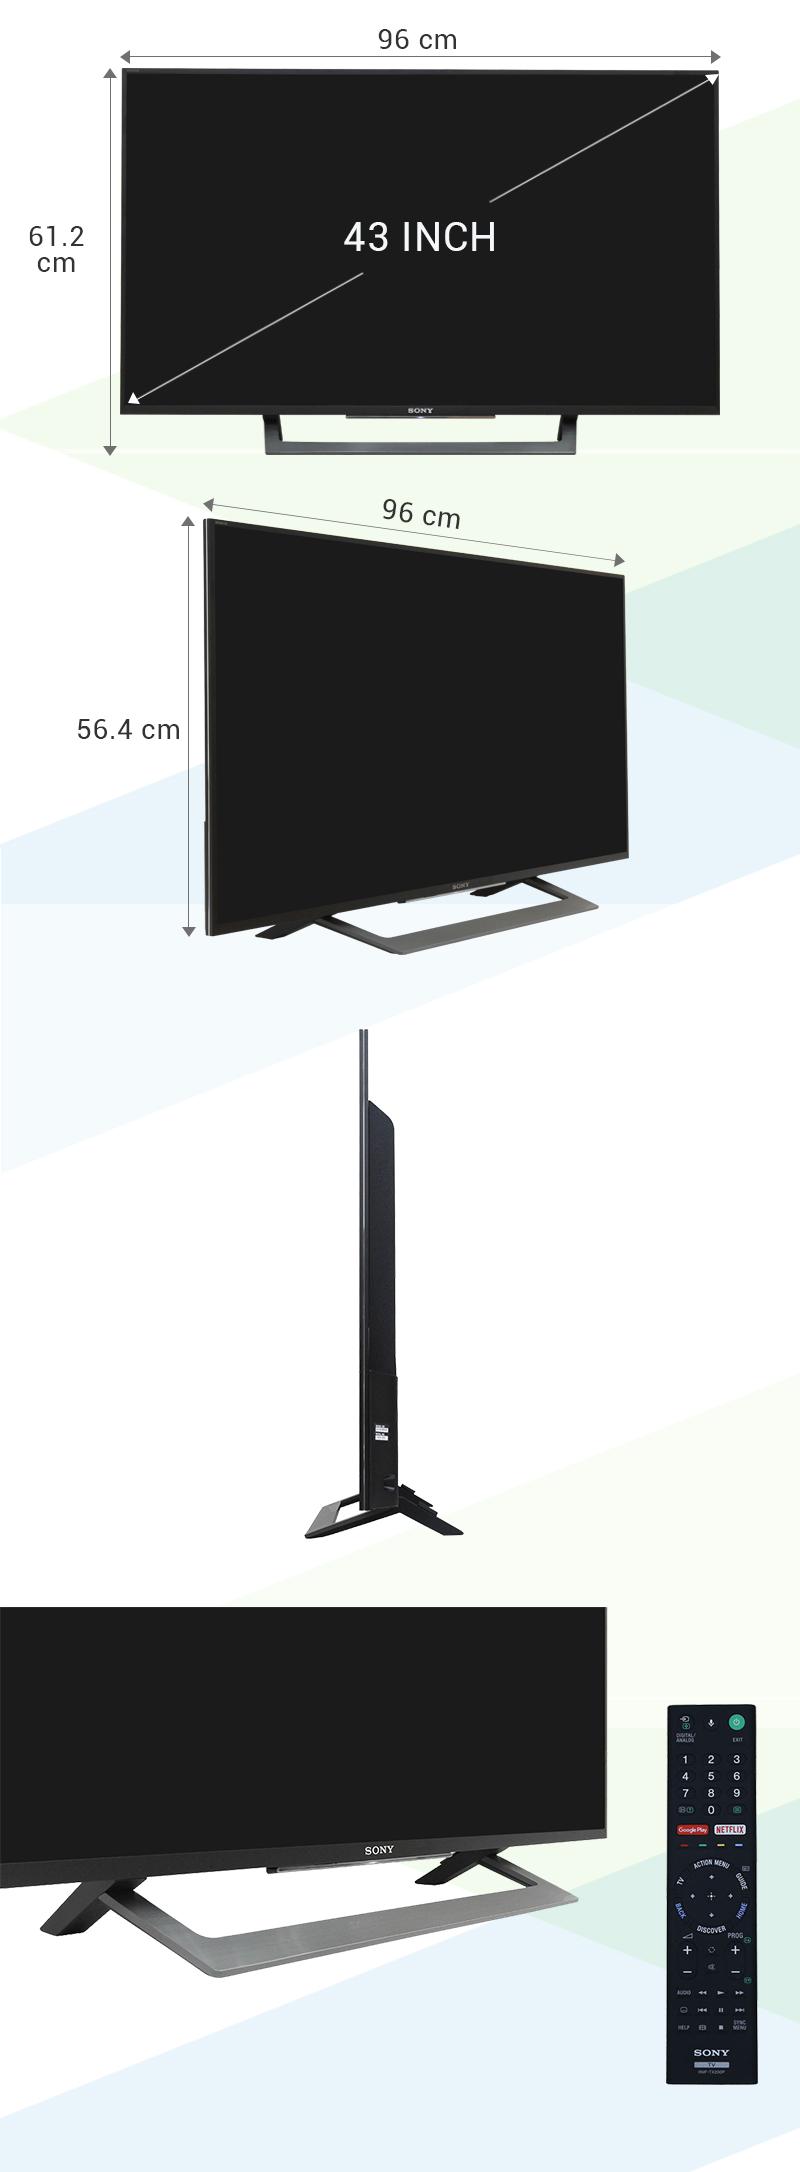 Android Tivi Sony 43 inch KD-43X8000D - Kích thước tivi